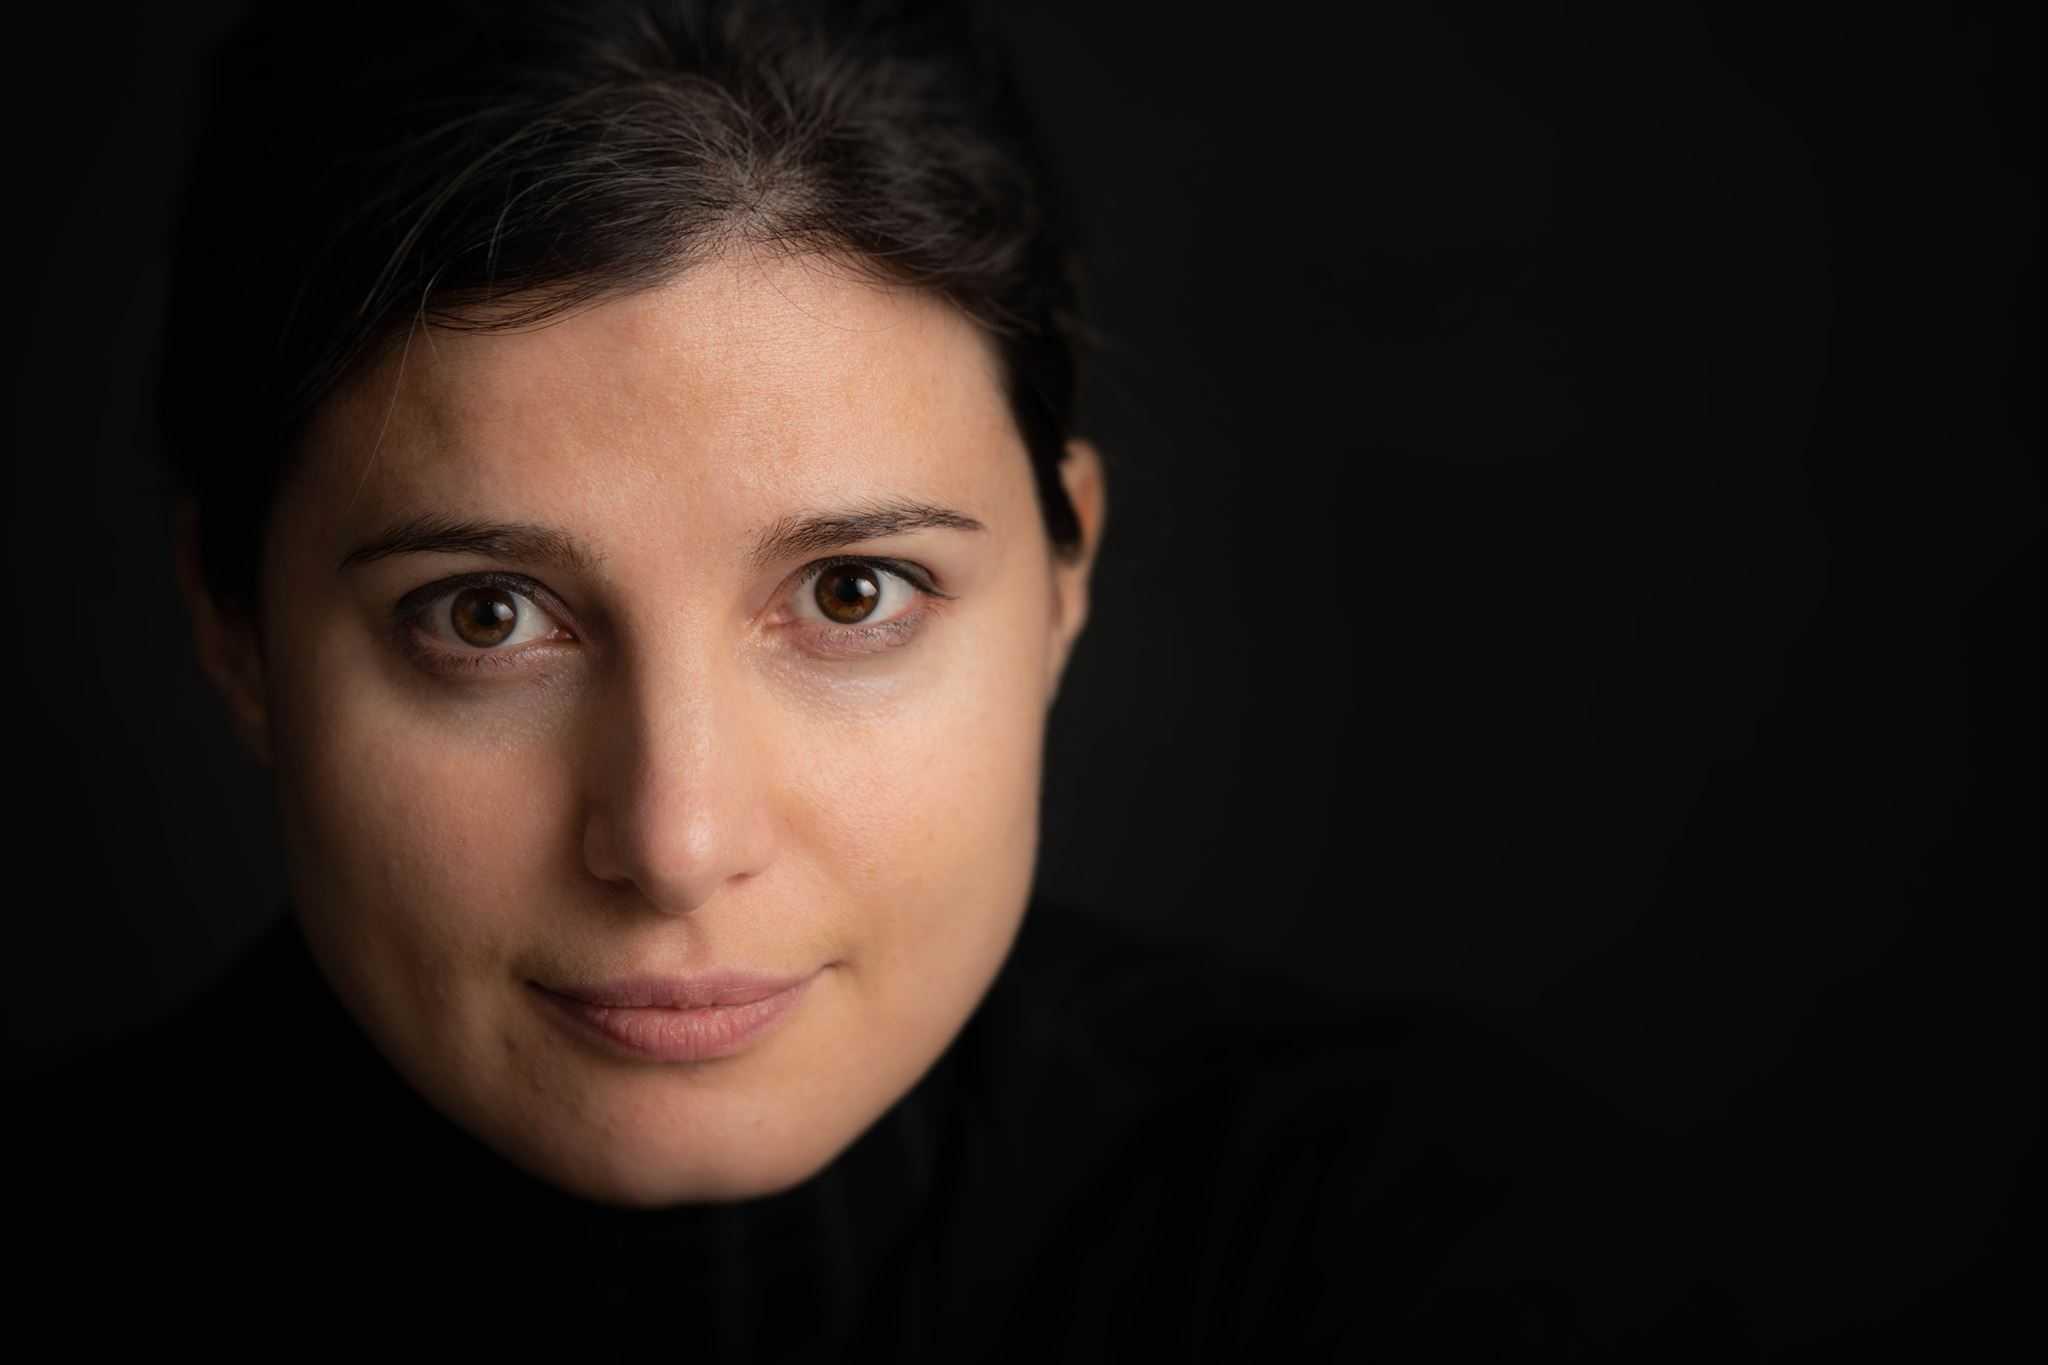 Yulia Sokolov